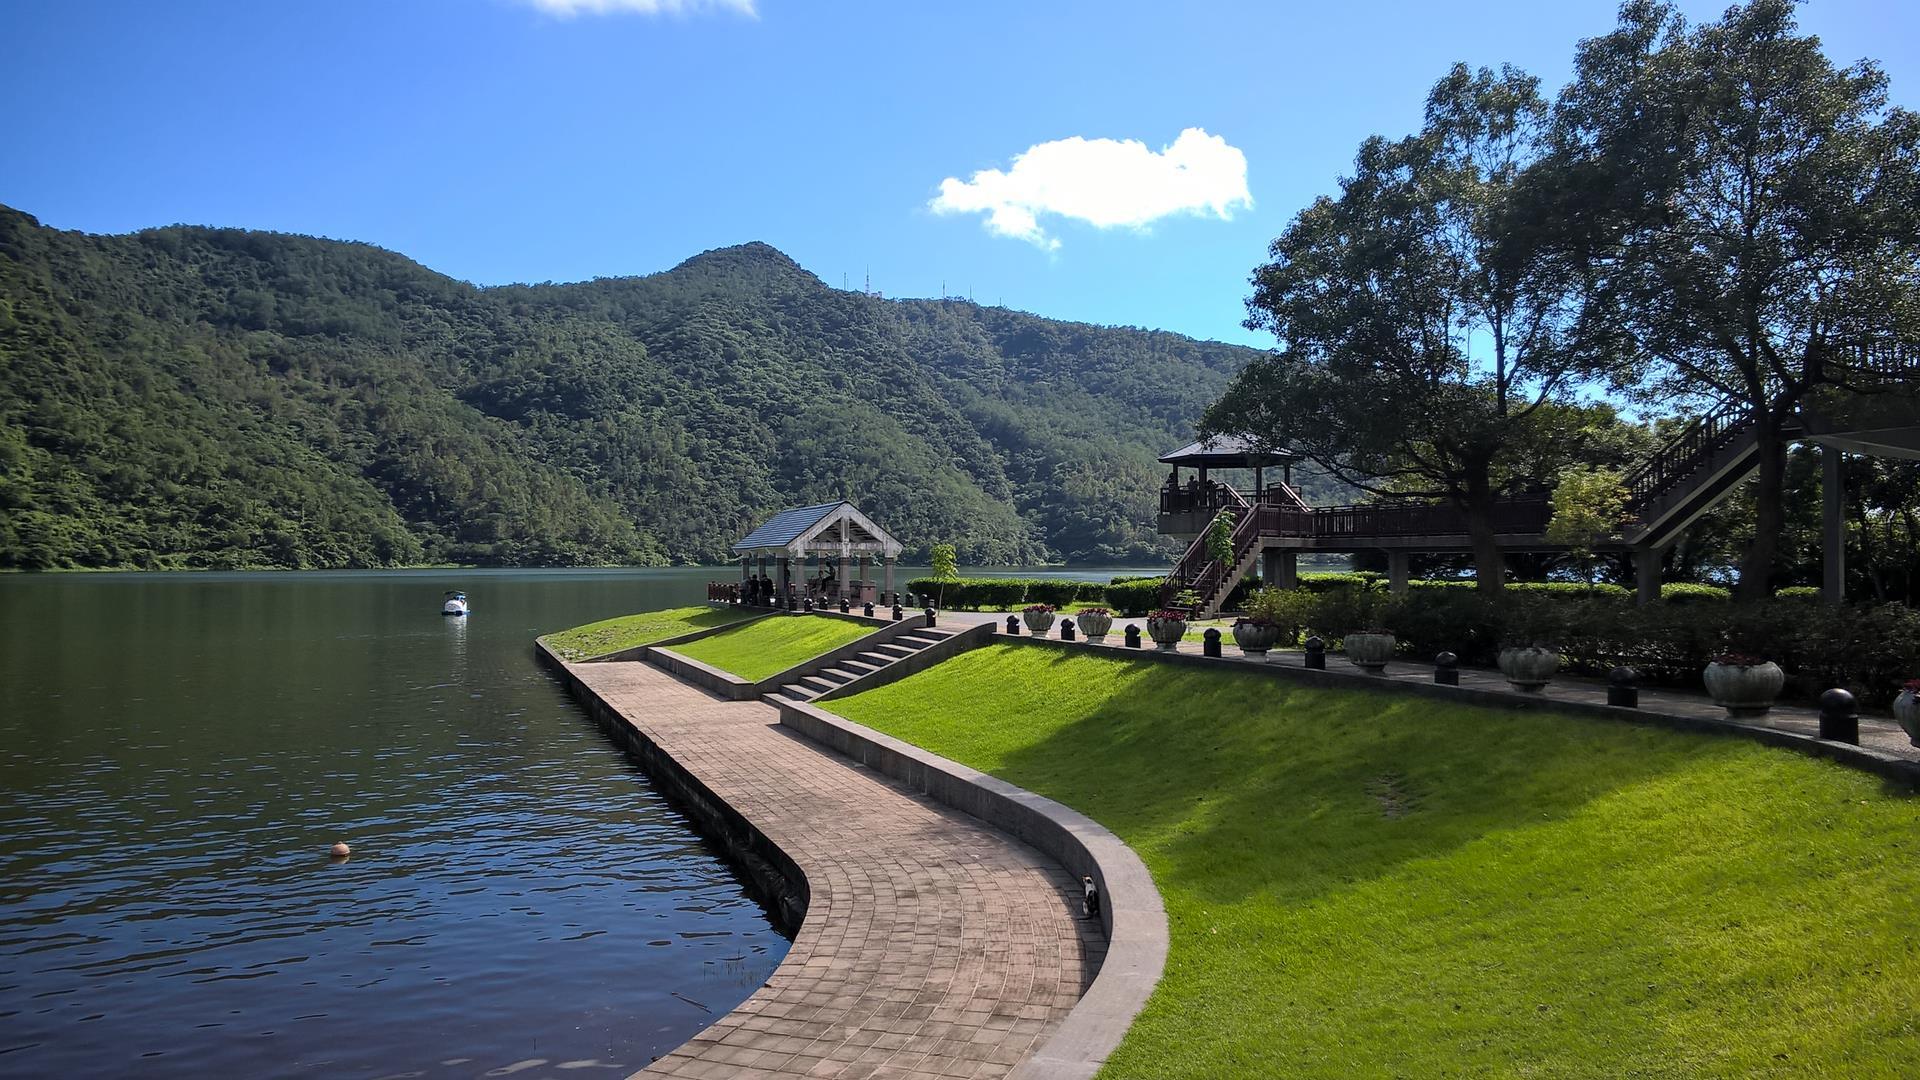 Liyu Lake in der nähe von Hualien